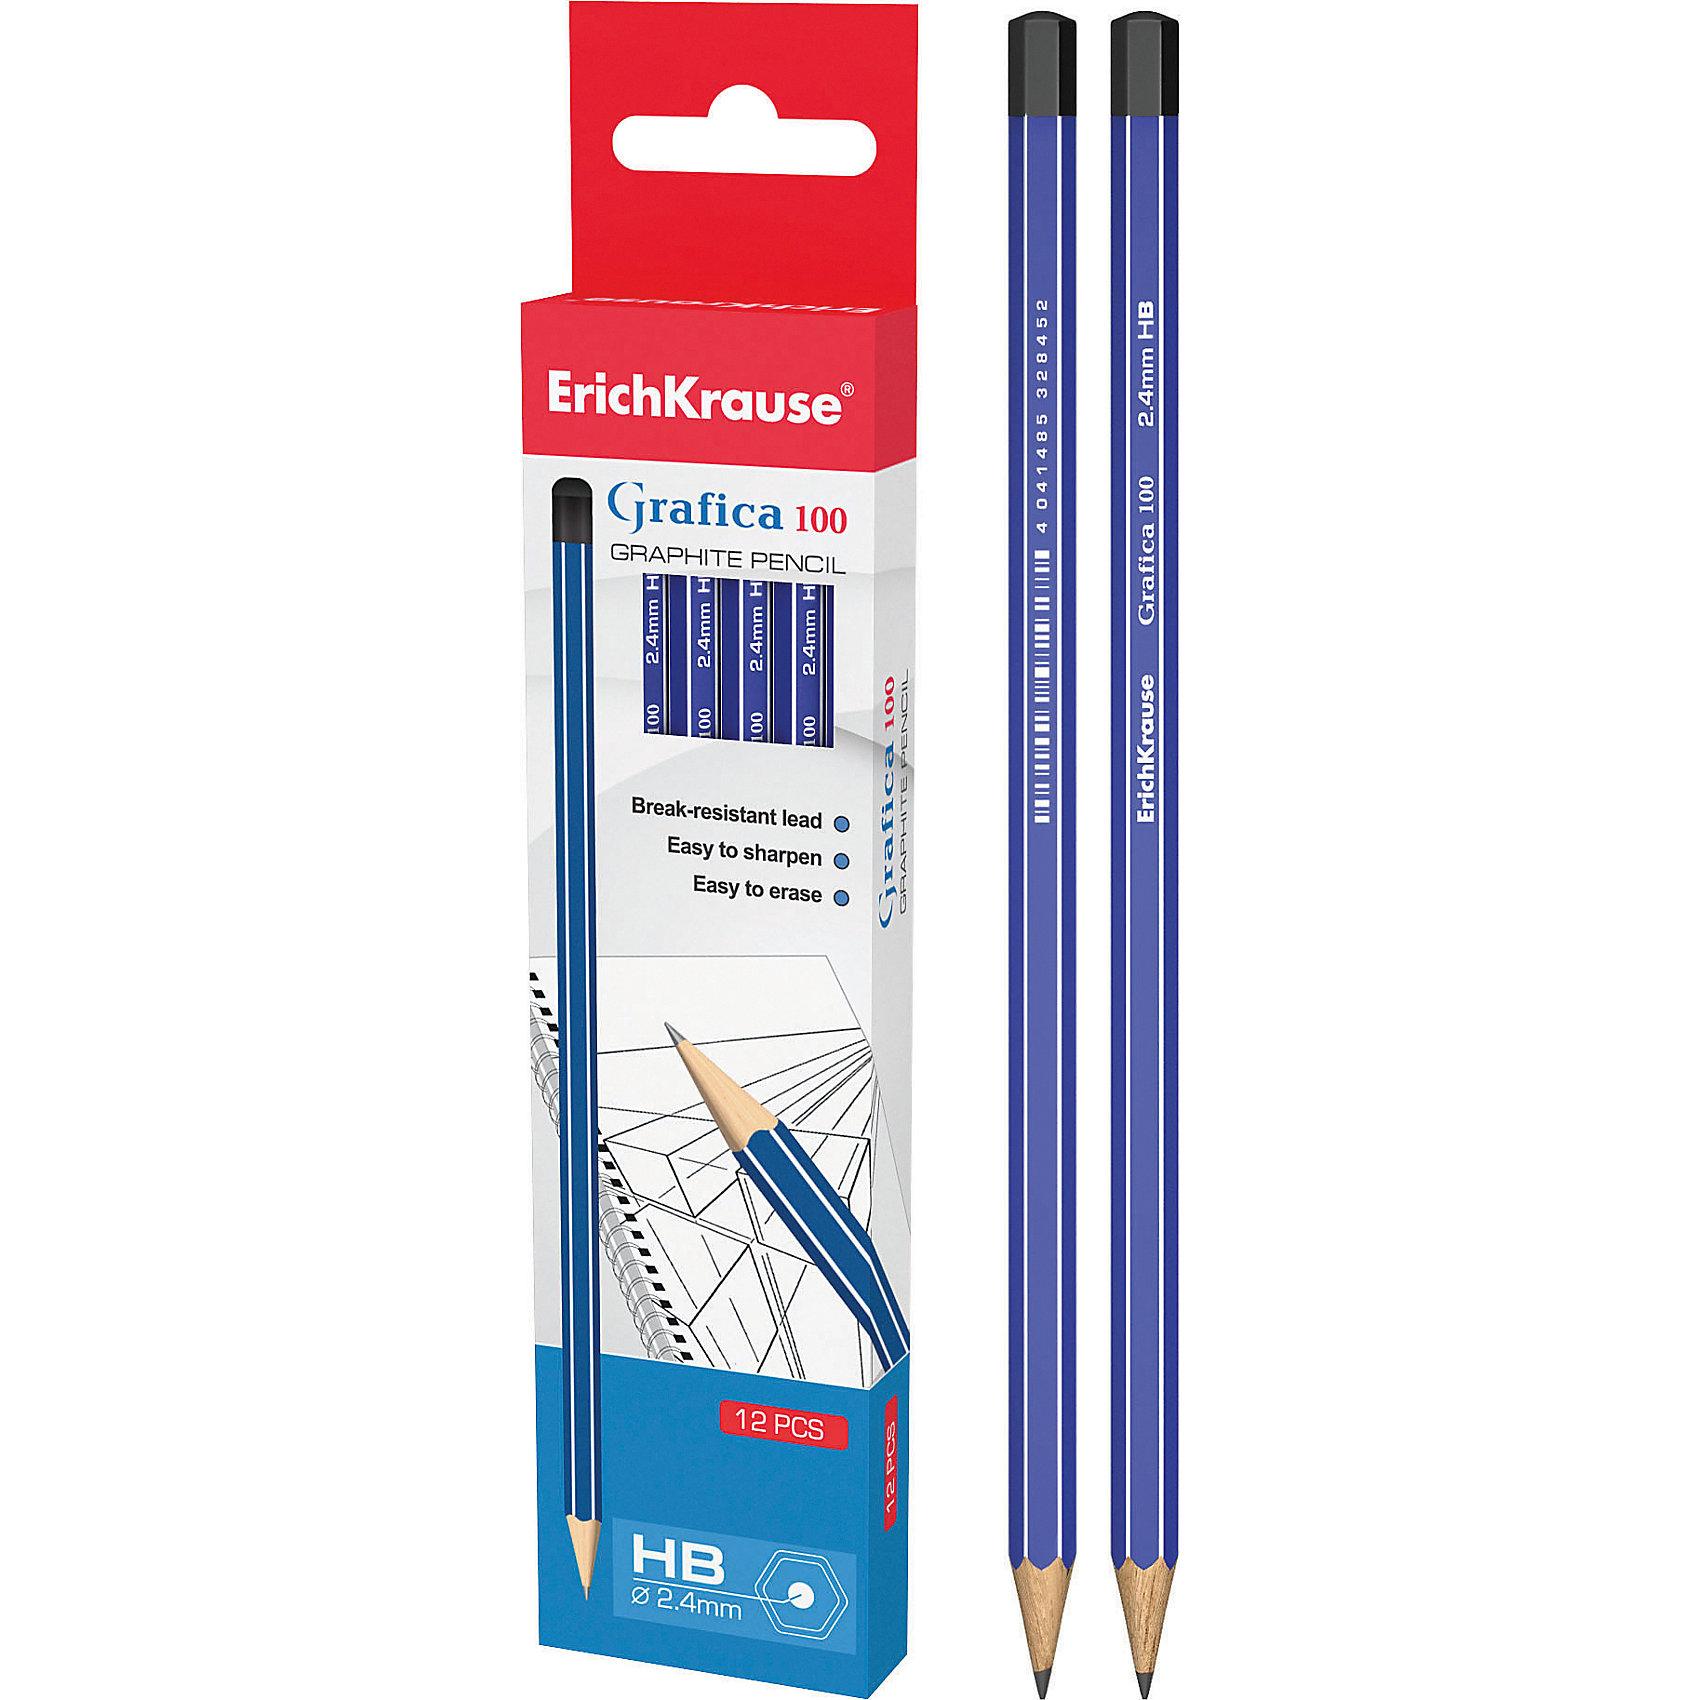 Чернографитный карандаш GRAFICA 100 (HB) шестигранный, 12 шт., Erich KrauseПисьменные принадлежности<br>Чернографитный карандаш GRAFICA 100 (HB) шестигранный, 12 шт., Erich Krause.<br><br>Характеристики:<br><br>• Количество: 12 шт.<br>• Материал корпуса: древесина<br>• Диаметр грифеля: 2,4 мм.<br>• Твердость грифеля: НВ<br>• Длина карандаша: 17 см.<br><br>Чернографитные карандаши Erich Krause GRAFICA 100 - идеальный инструмент для письма, рисования и черчения. Шестигранный корпус с белыми и синими полосками выполнен из древесины. Высококачественный ударопрочный грифель не крошится и не ломается при заточке. В набор входят 12 чернографитных заточенных карандаша твердостью НВ. Торец карандашей заглушен.<br><br>Чернографитный карандаш GRAFICA 100 (HB) шестигранный, 12 шт., Erich Krause можно купить в нашем интернет-магазине.<br><br>Ширина мм: 45<br>Глубина мм: 220<br>Высота мм: 150<br>Вес г: 120<br>Возраст от месяцев: 84<br>Возраст до месяцев: 2147483647<br>Пол: Унисекс<br>Возраст: Детский<br>SKU: 5543305